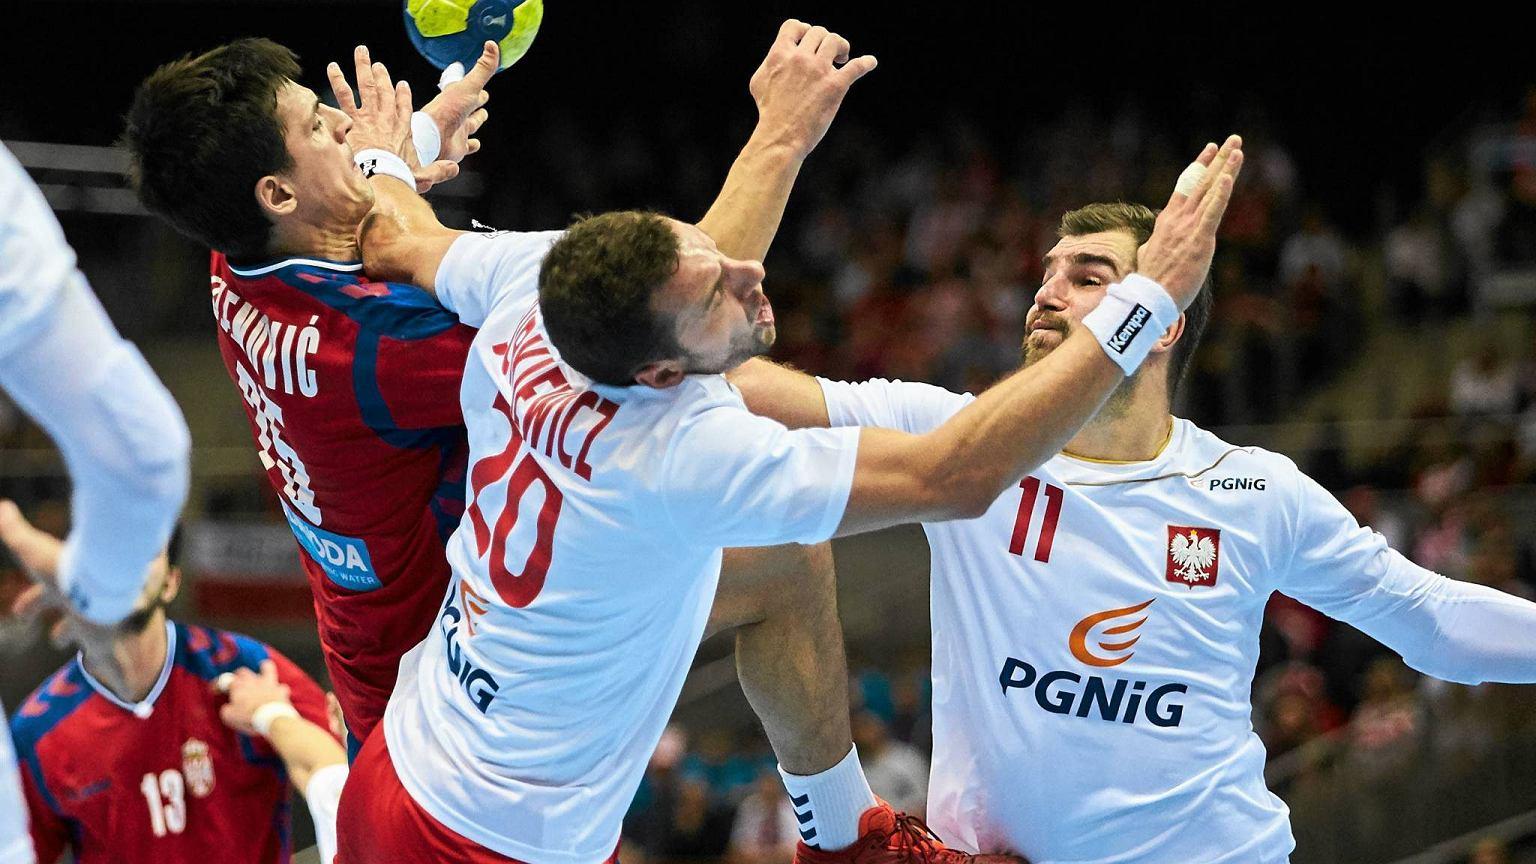 polska serbia piłka ręczna